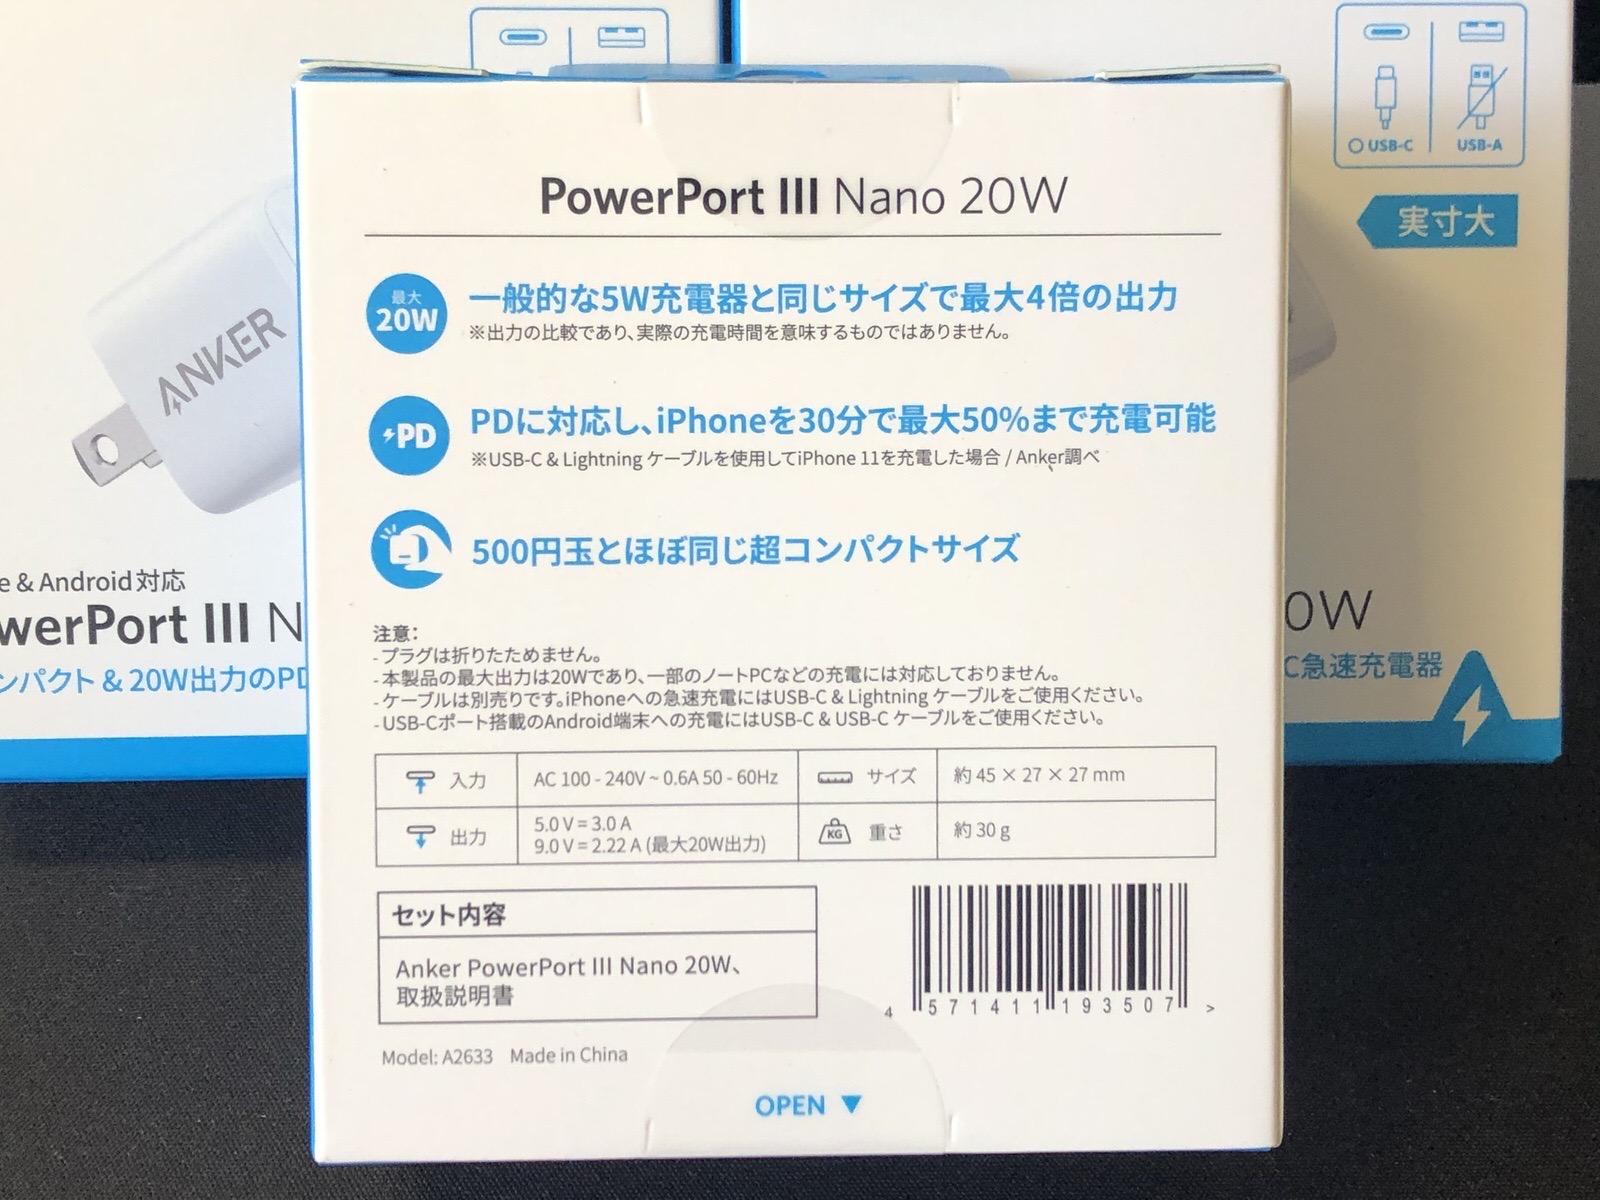 Anker PowerPort III Nano 20W−3